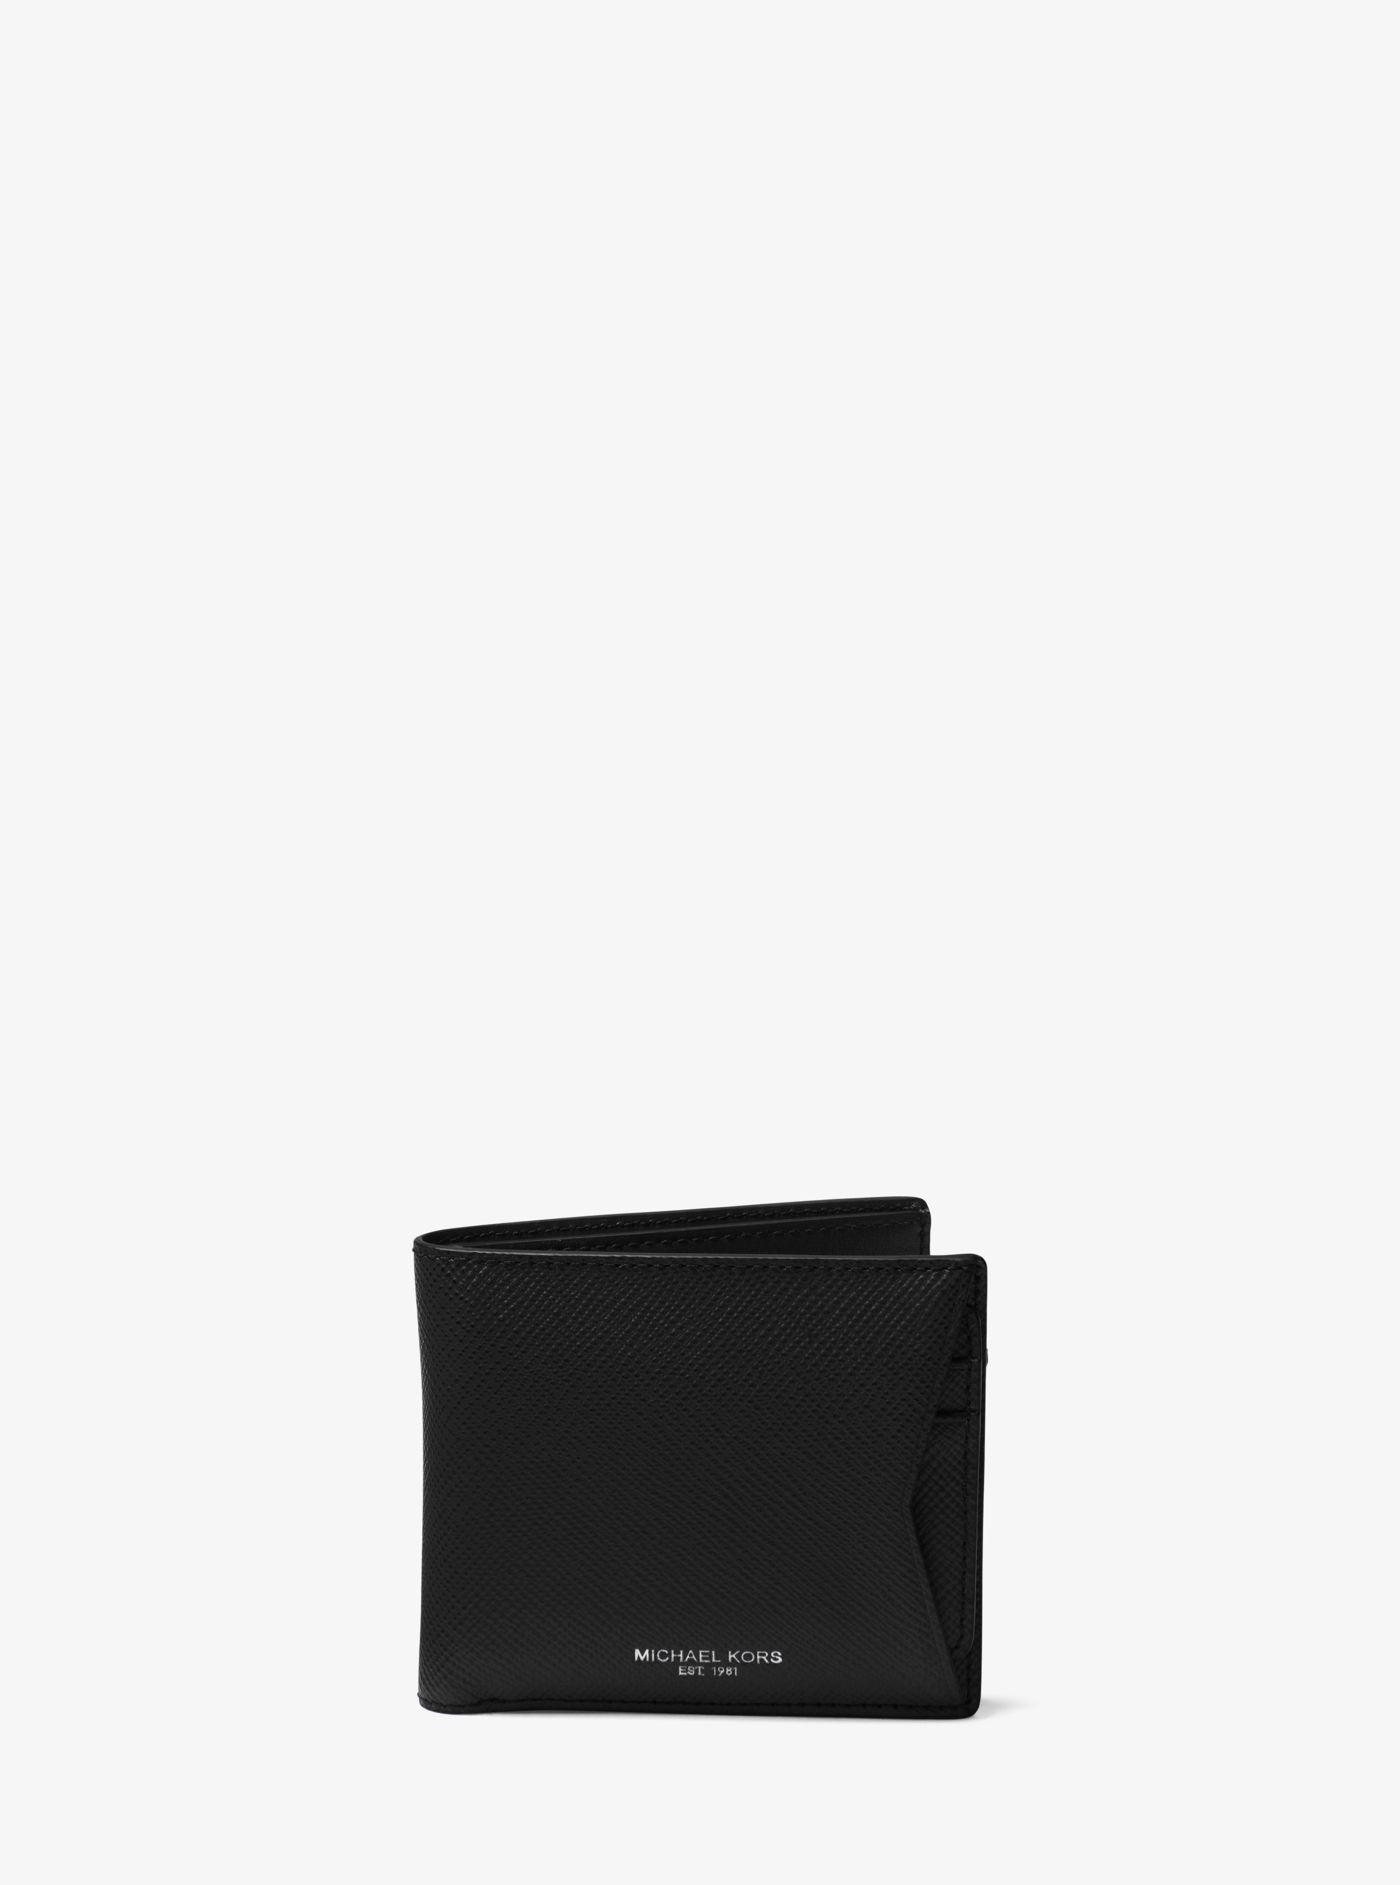 9f011943fe1eab Lyst - Michael Kors Harrison Leather Billfold Wallet in Black for Men